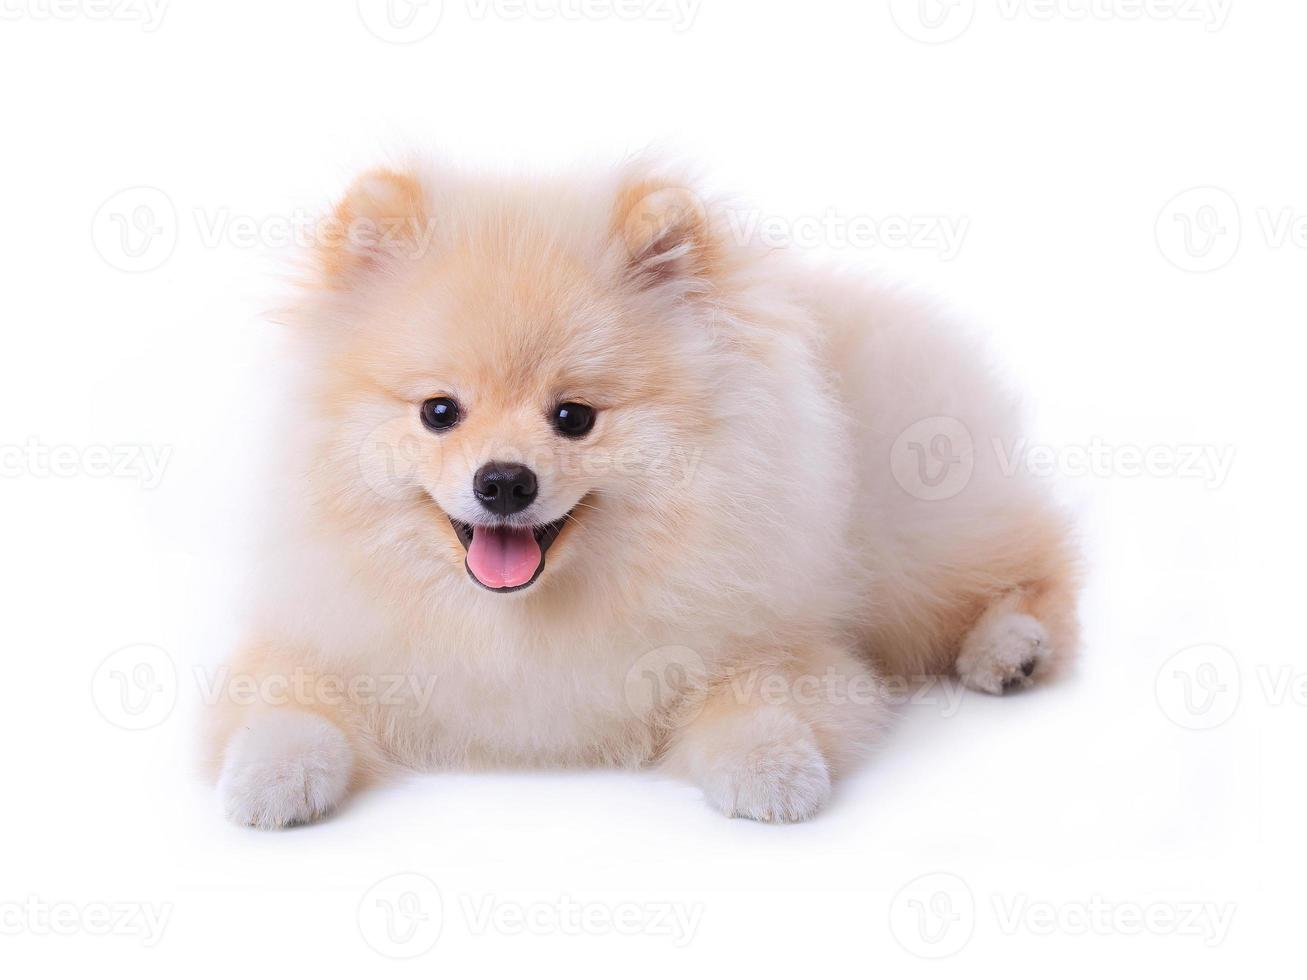 cucciolo di cane bianco pomeranian foto